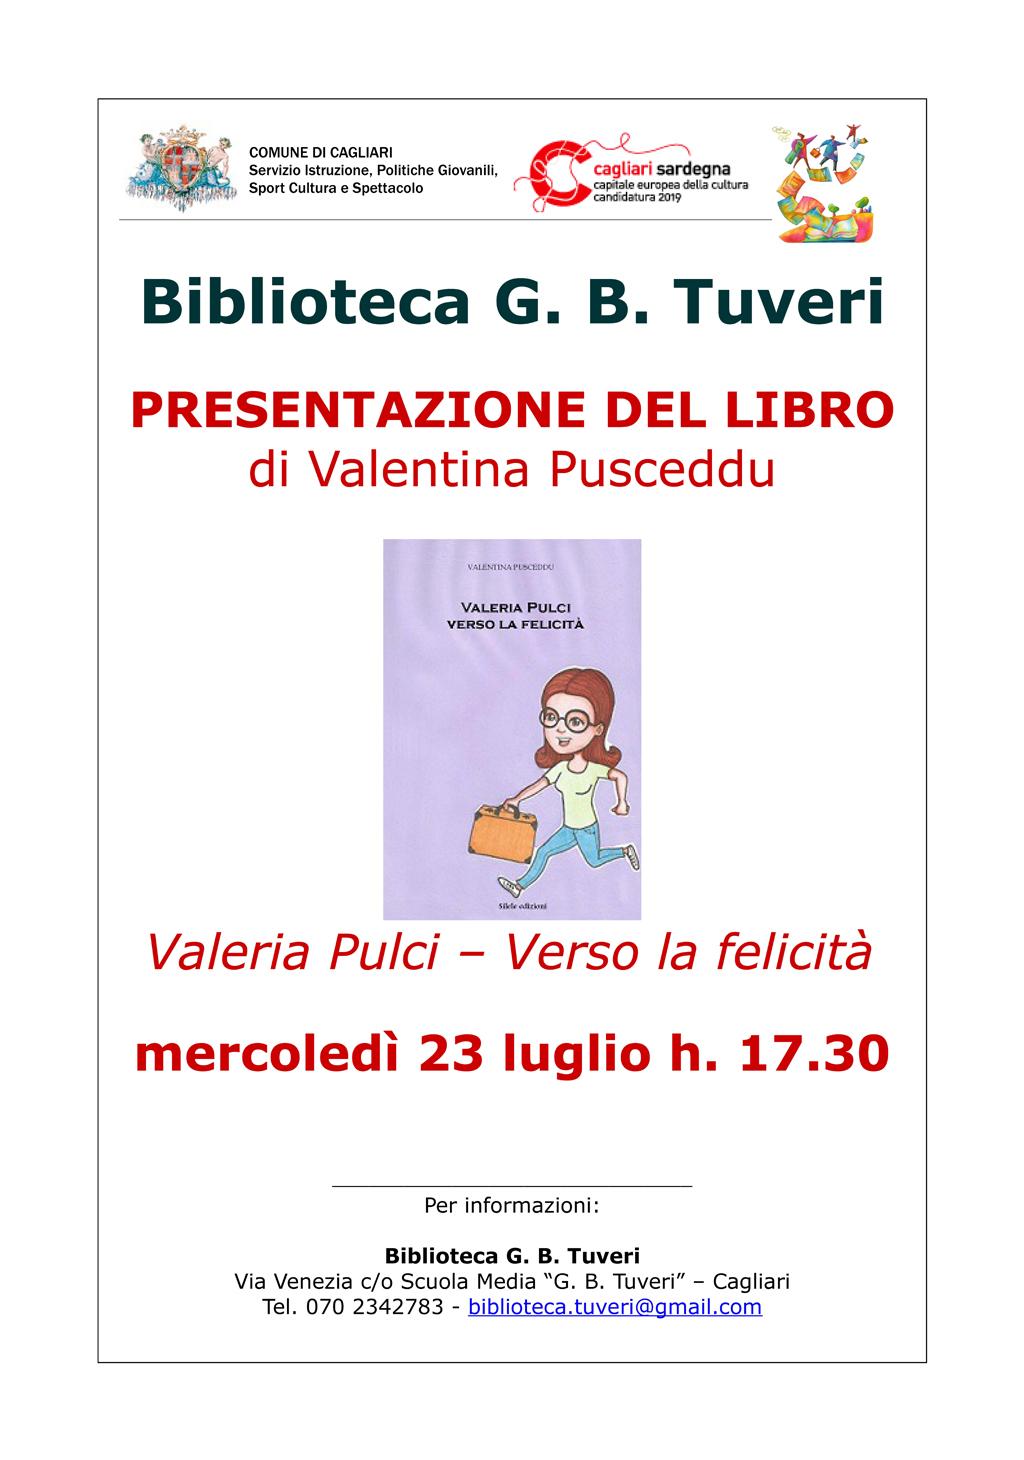 Presentazione libro Valentina Pusceddu - valeria pulci verso la felicita